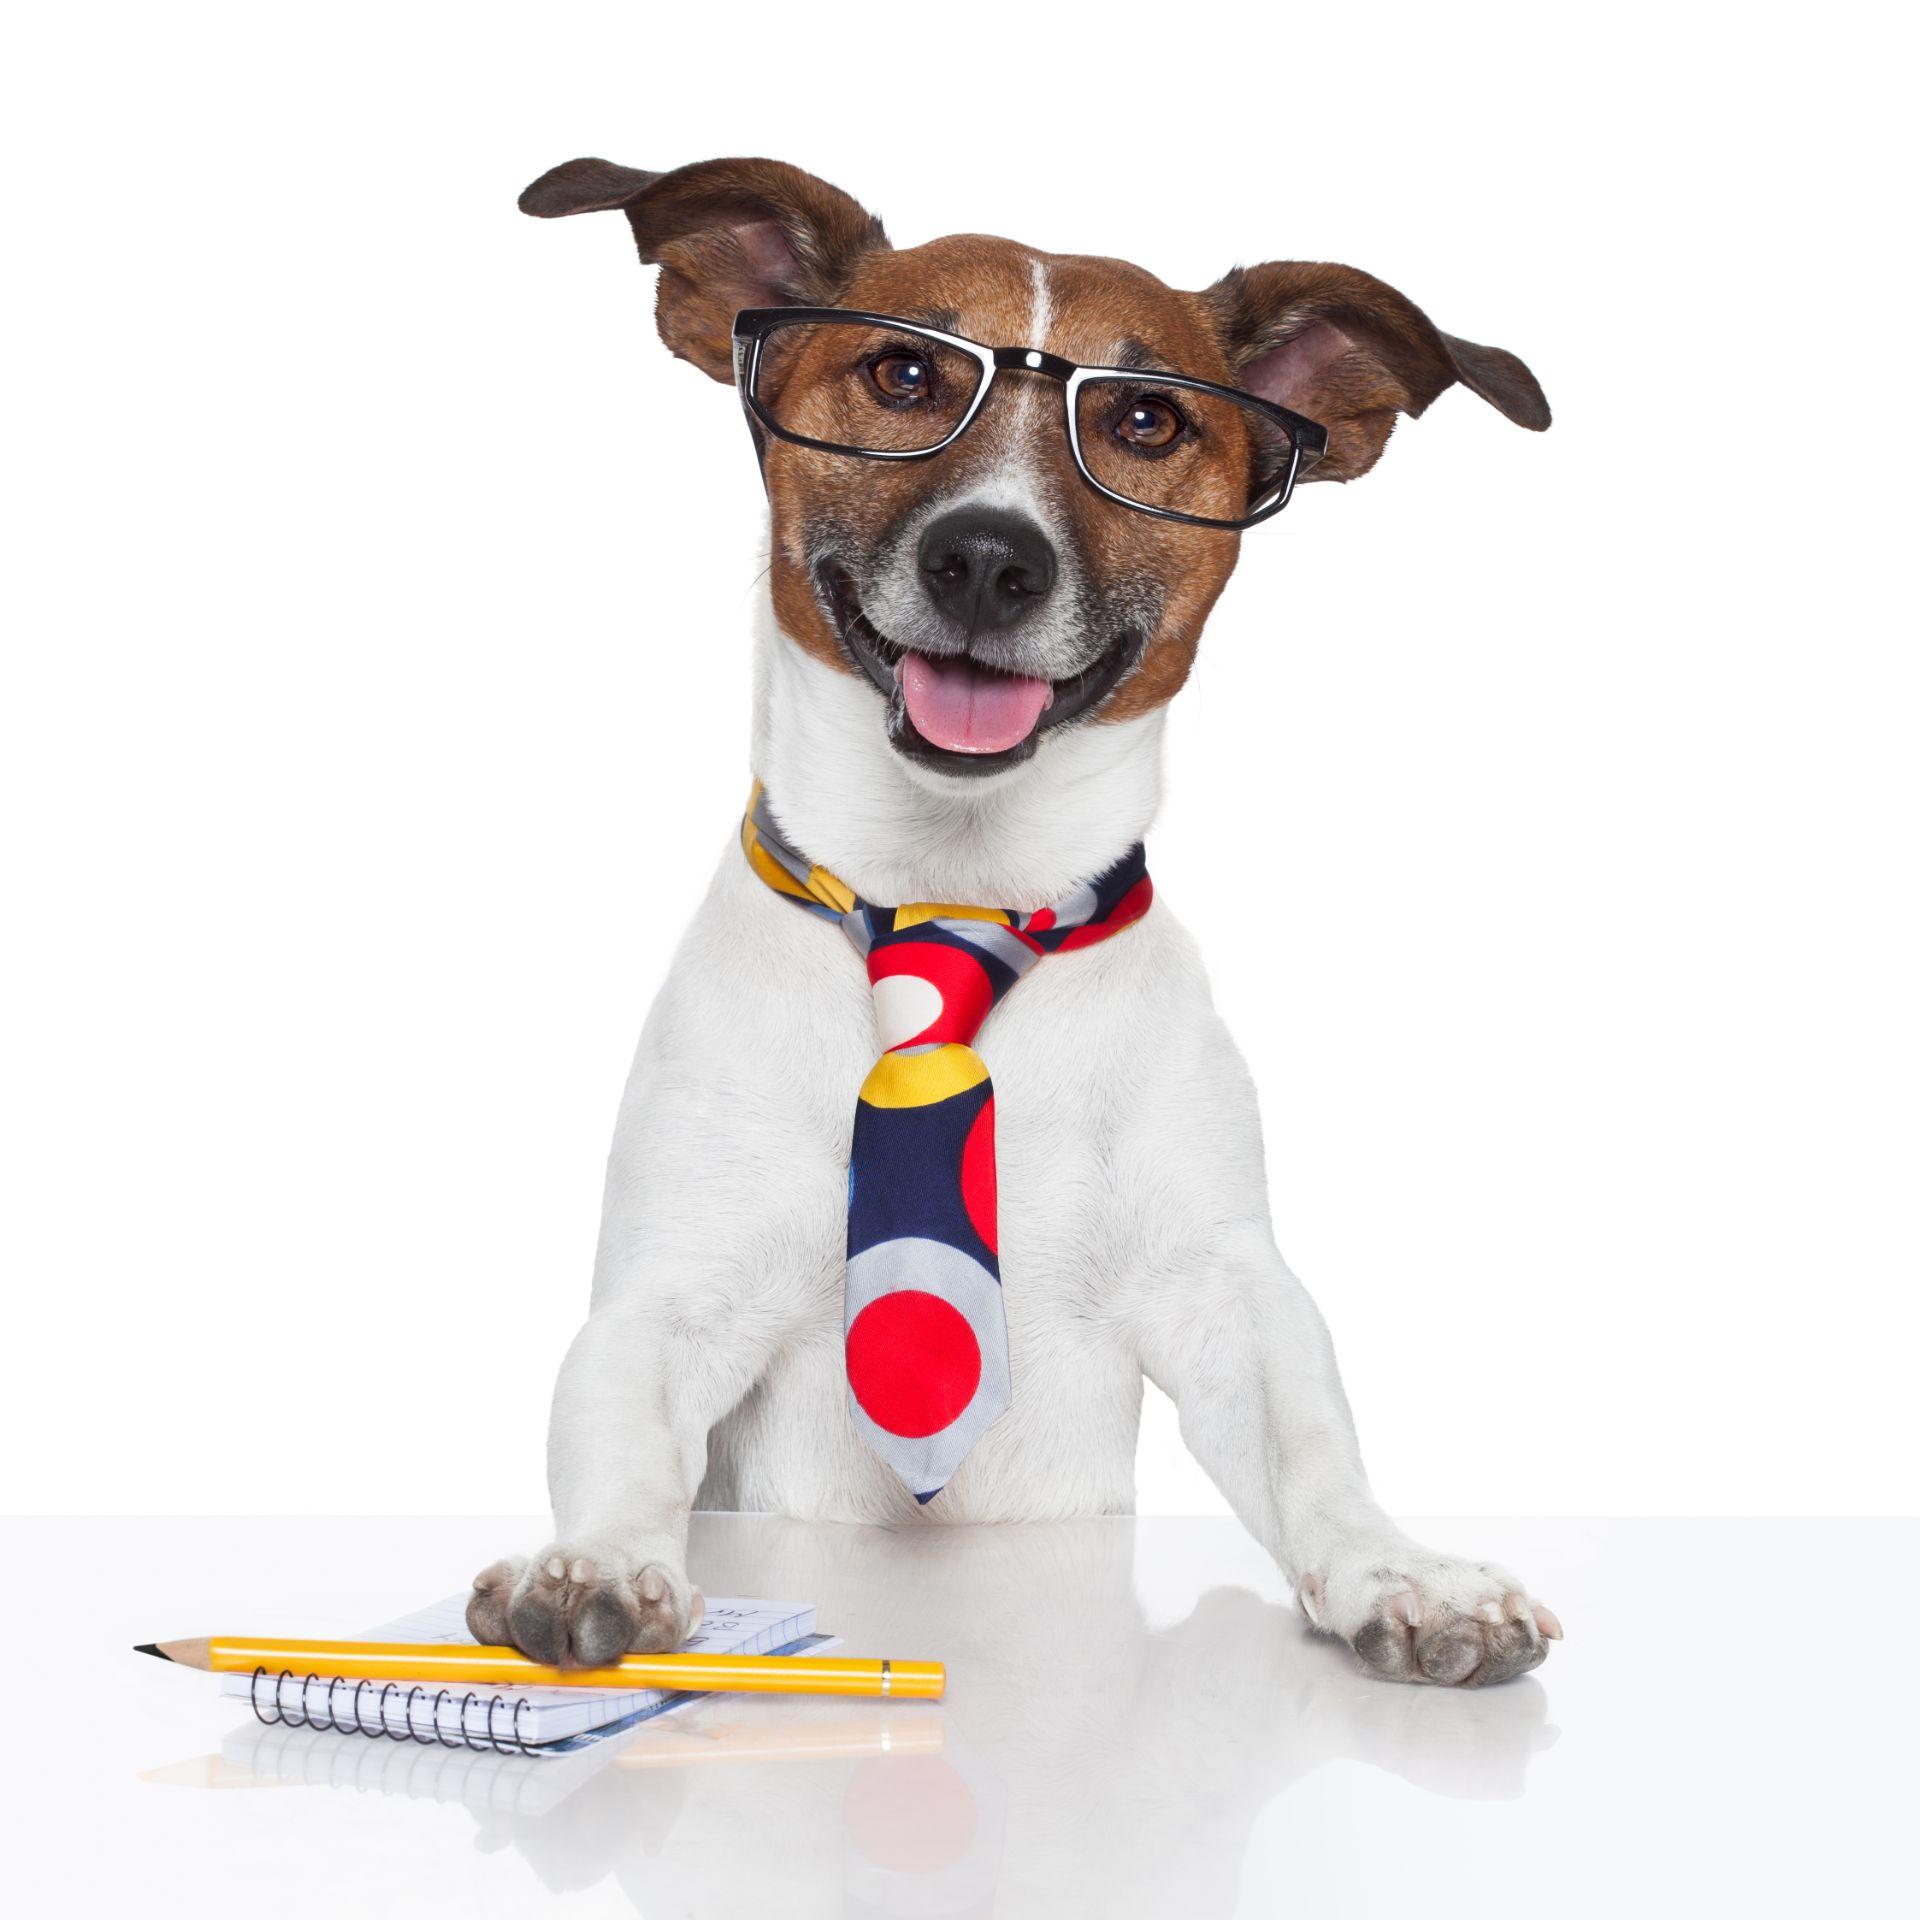 Trained Dog Happy Dog